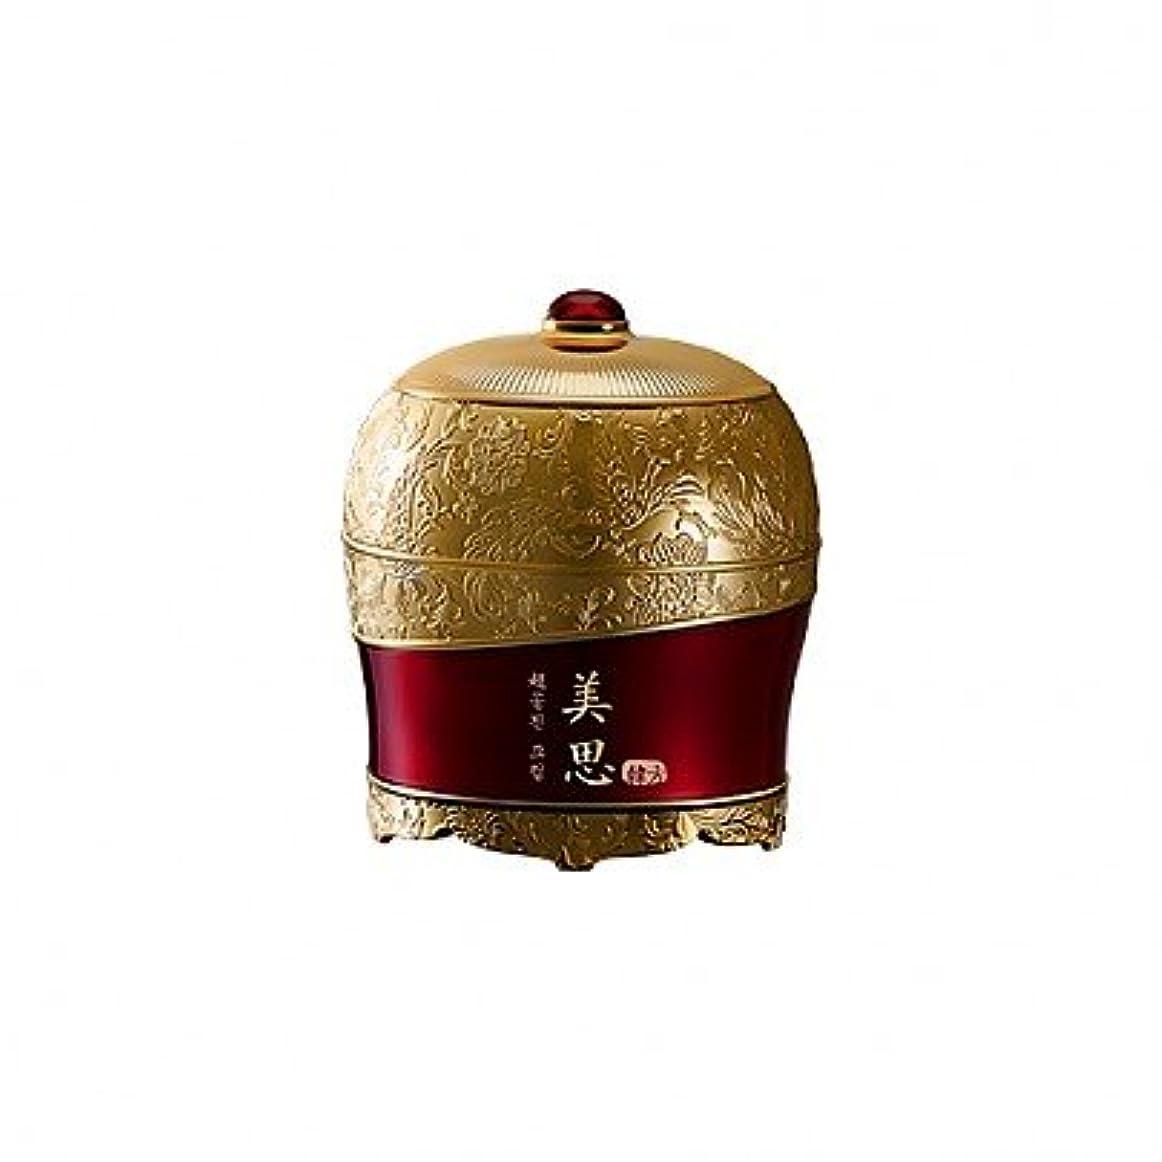 セイはさておき超える受賞MISSHA/ミシャ チョゴンジン クリーム (旧チョボヤン) 60ml[海外直送品]